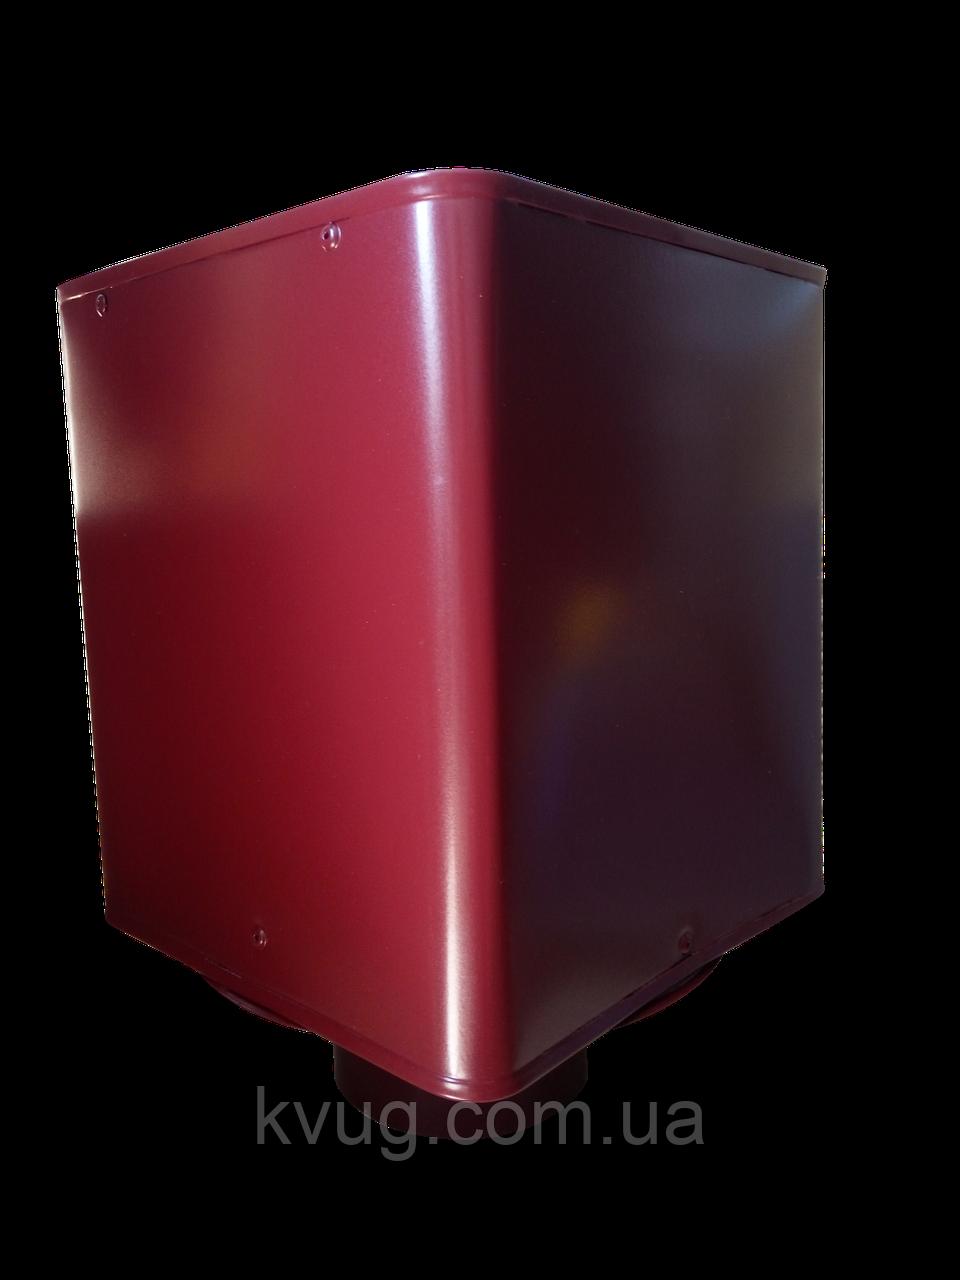 Дефлектор №12 D-150 мм красный